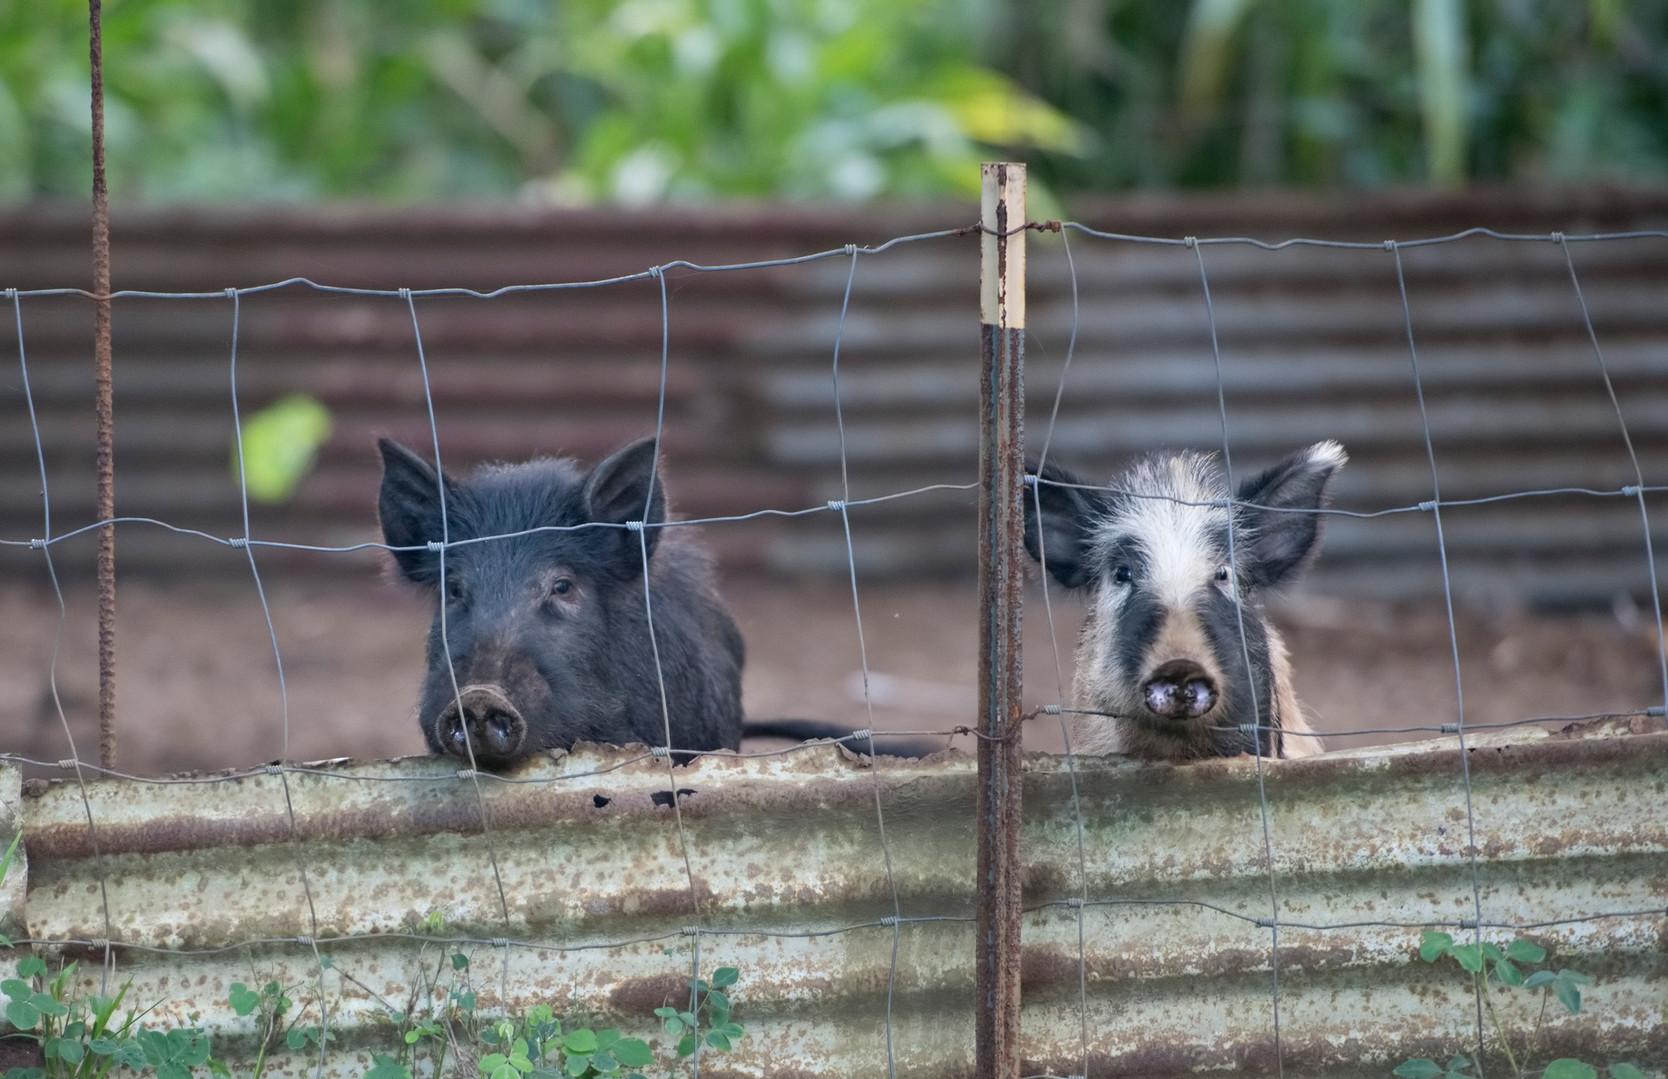 2 Pigs Behind Gate